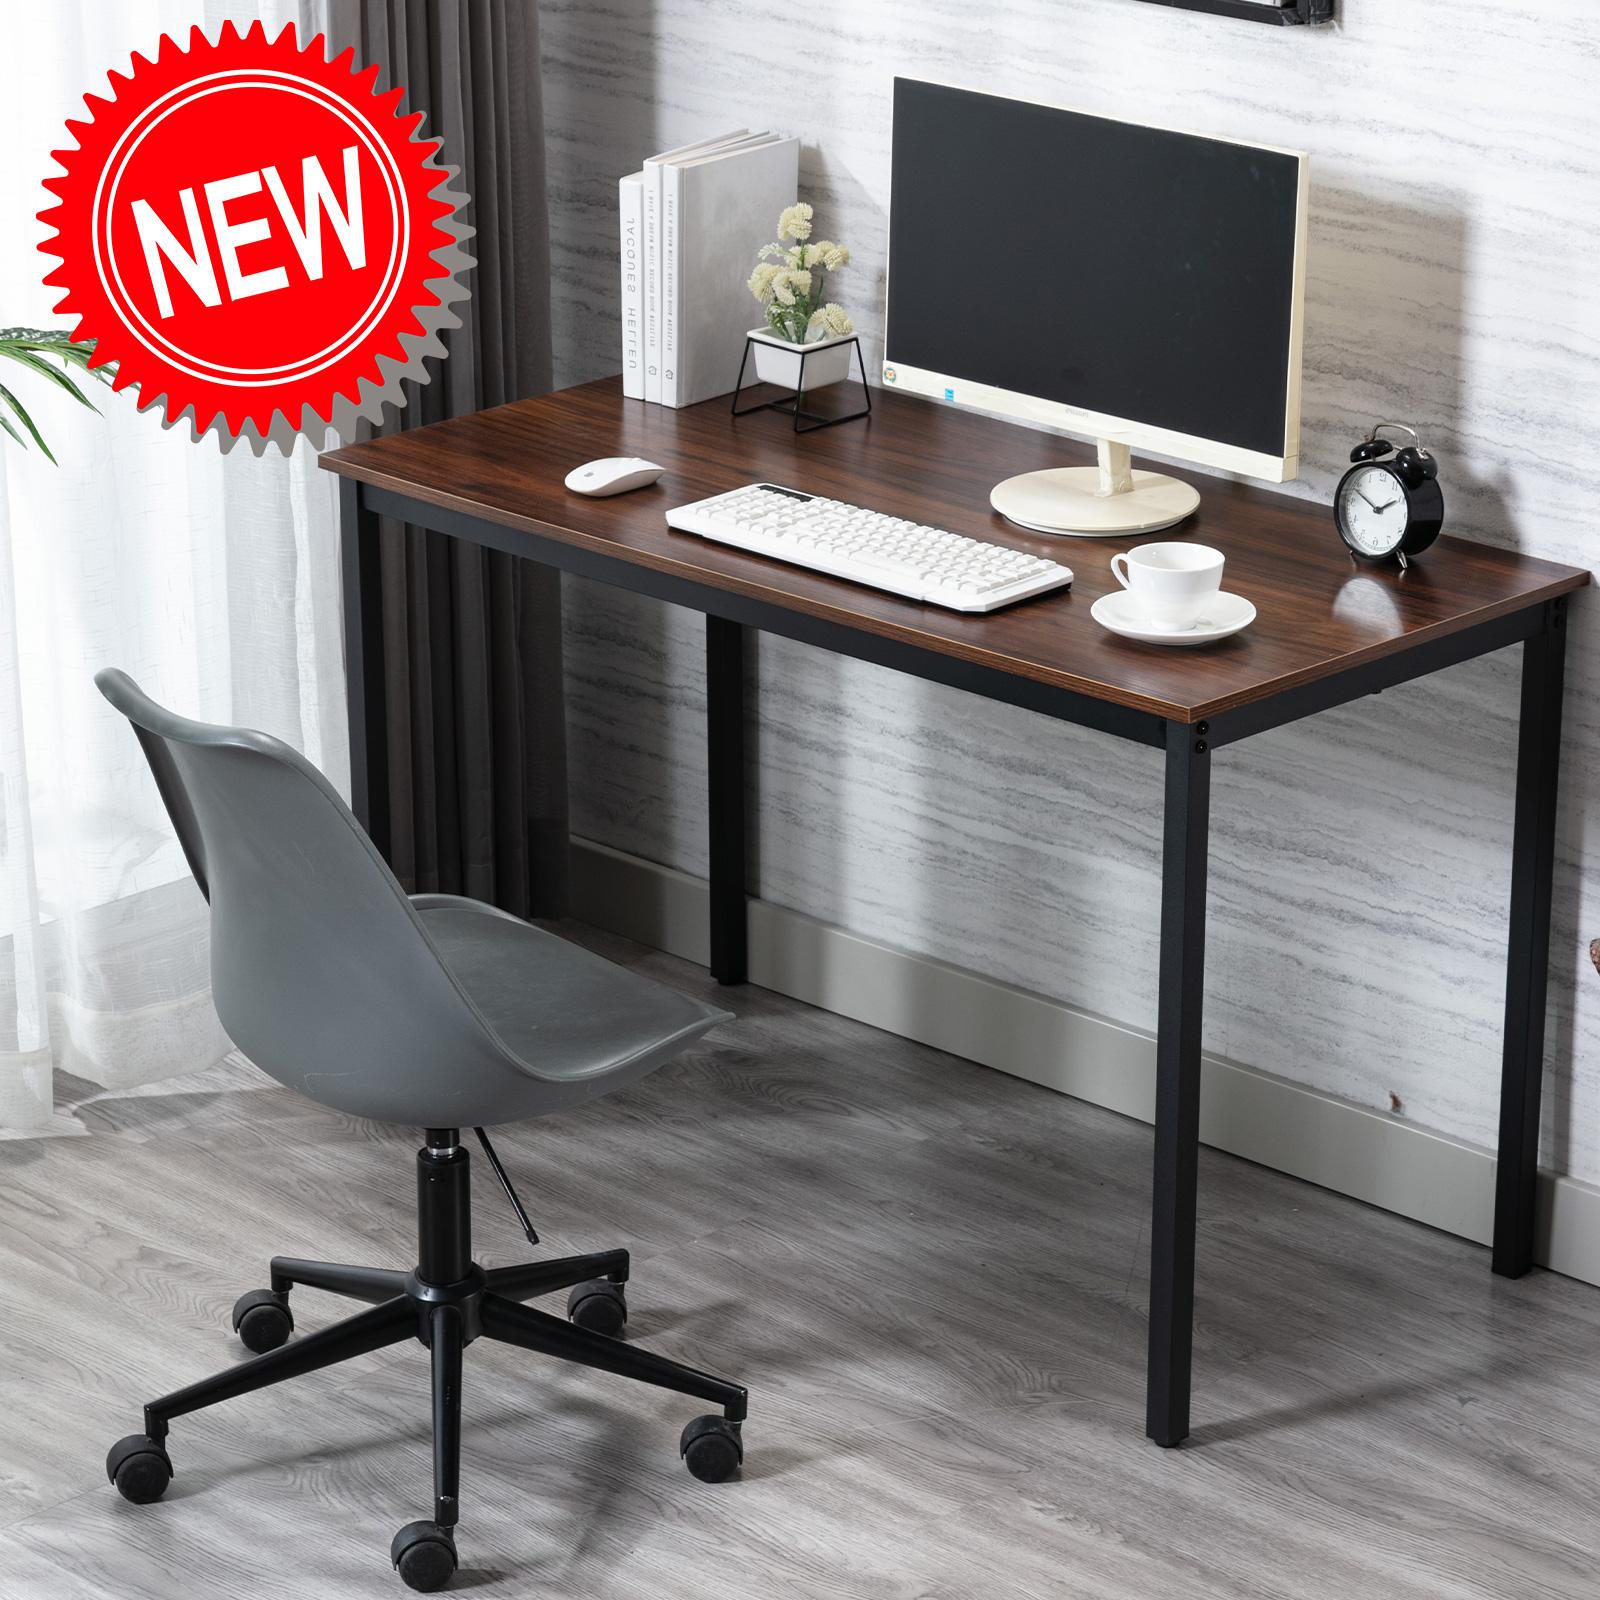 [US Direct] Desk 47.2